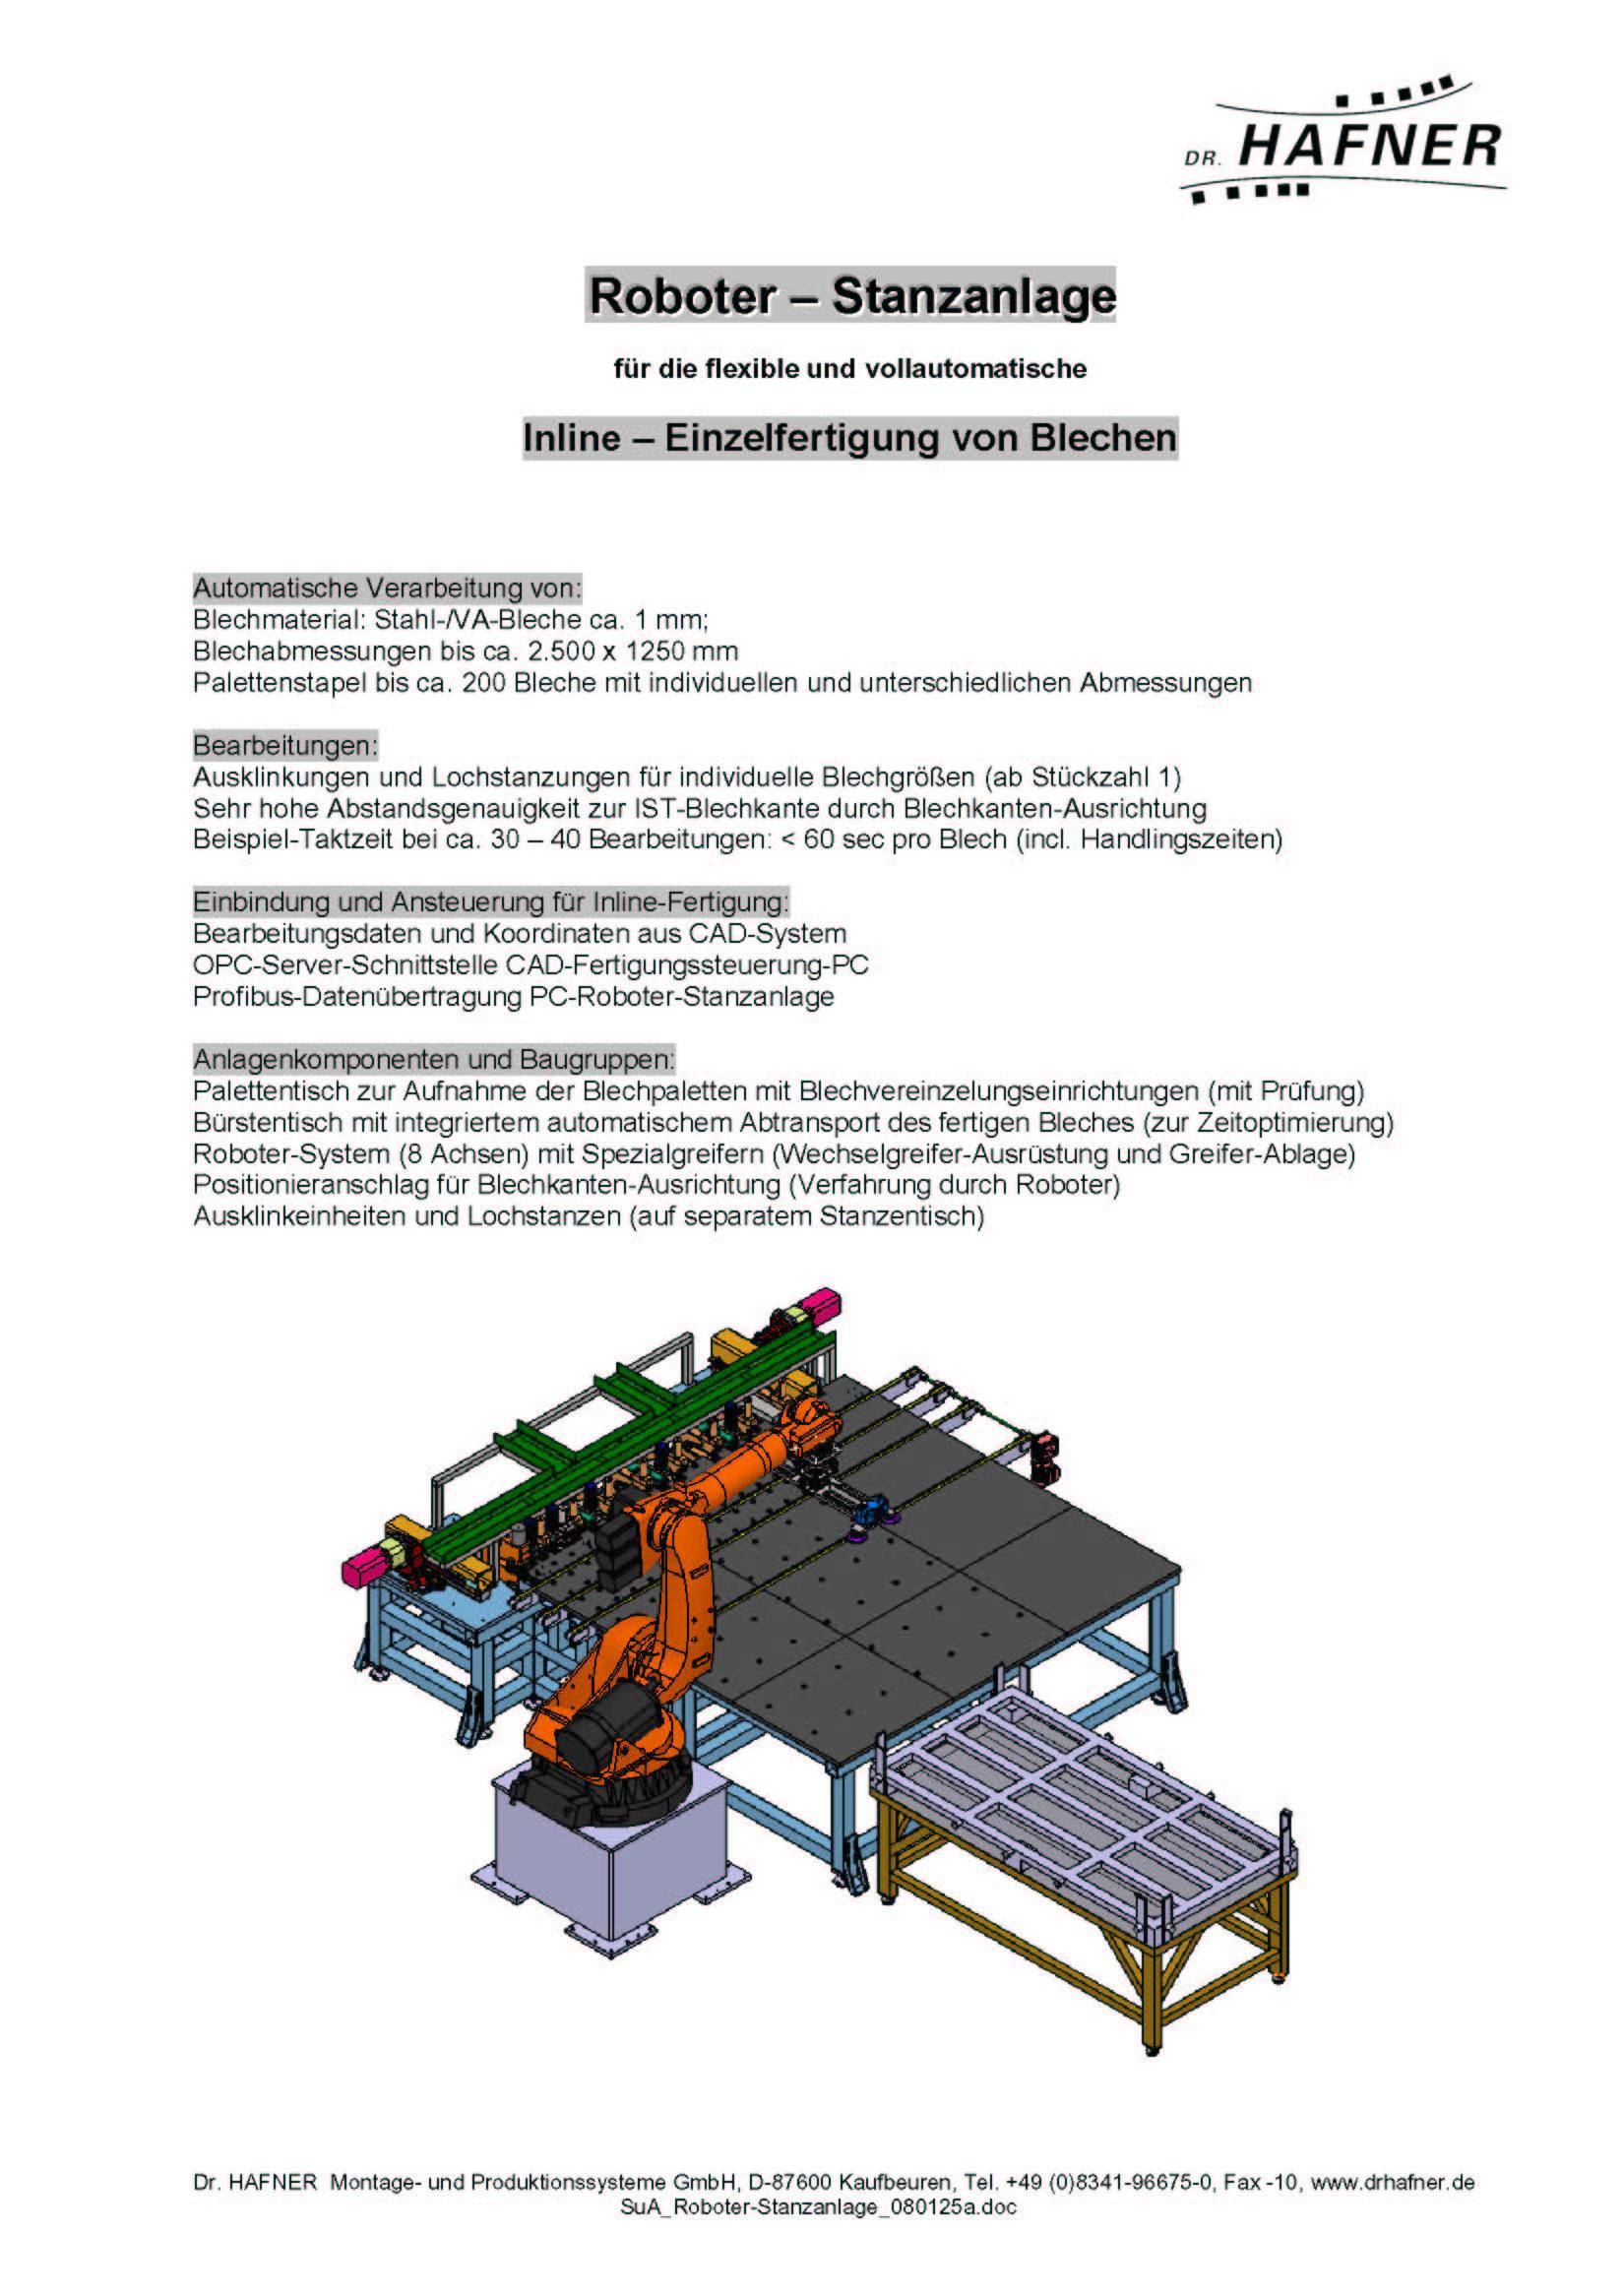 Dr. HAFNER_PKWP_59 Roboter Stanzanlage Einzelfertigung